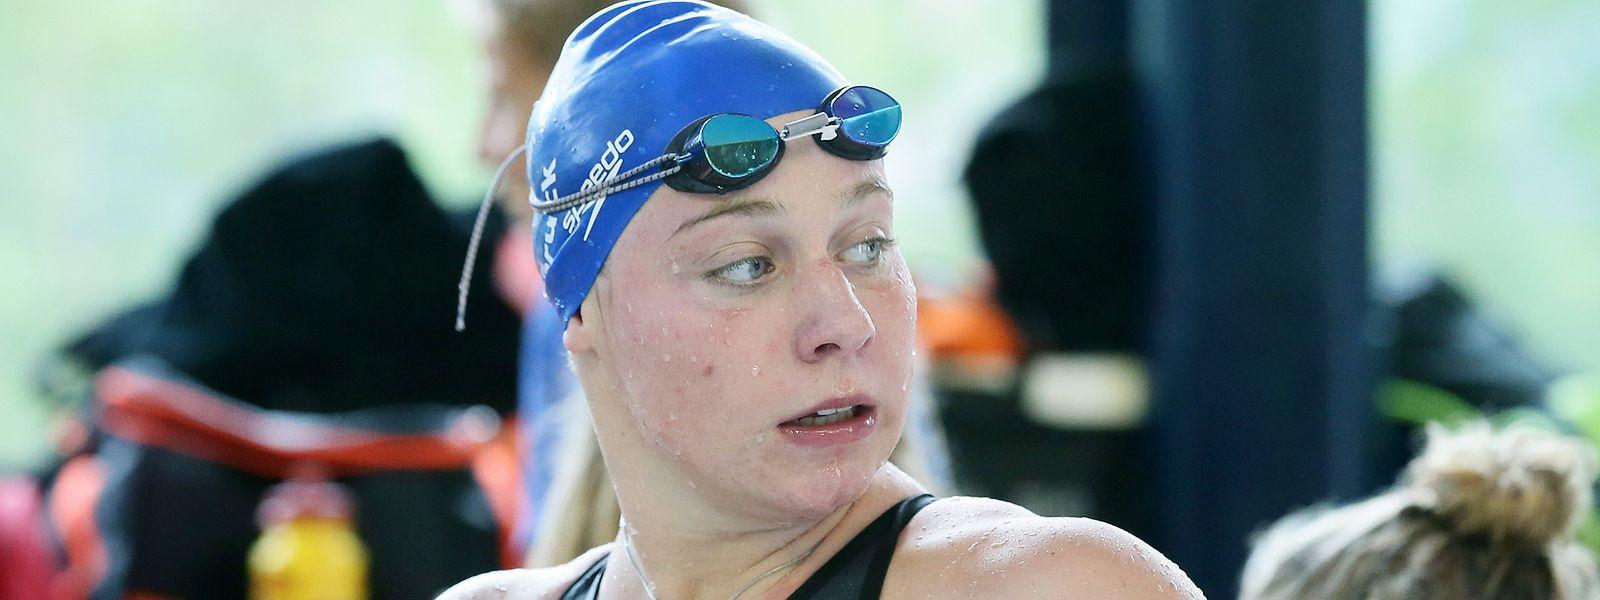 Julie Meynen blieb fast eine Sekunde über dem Rekord.